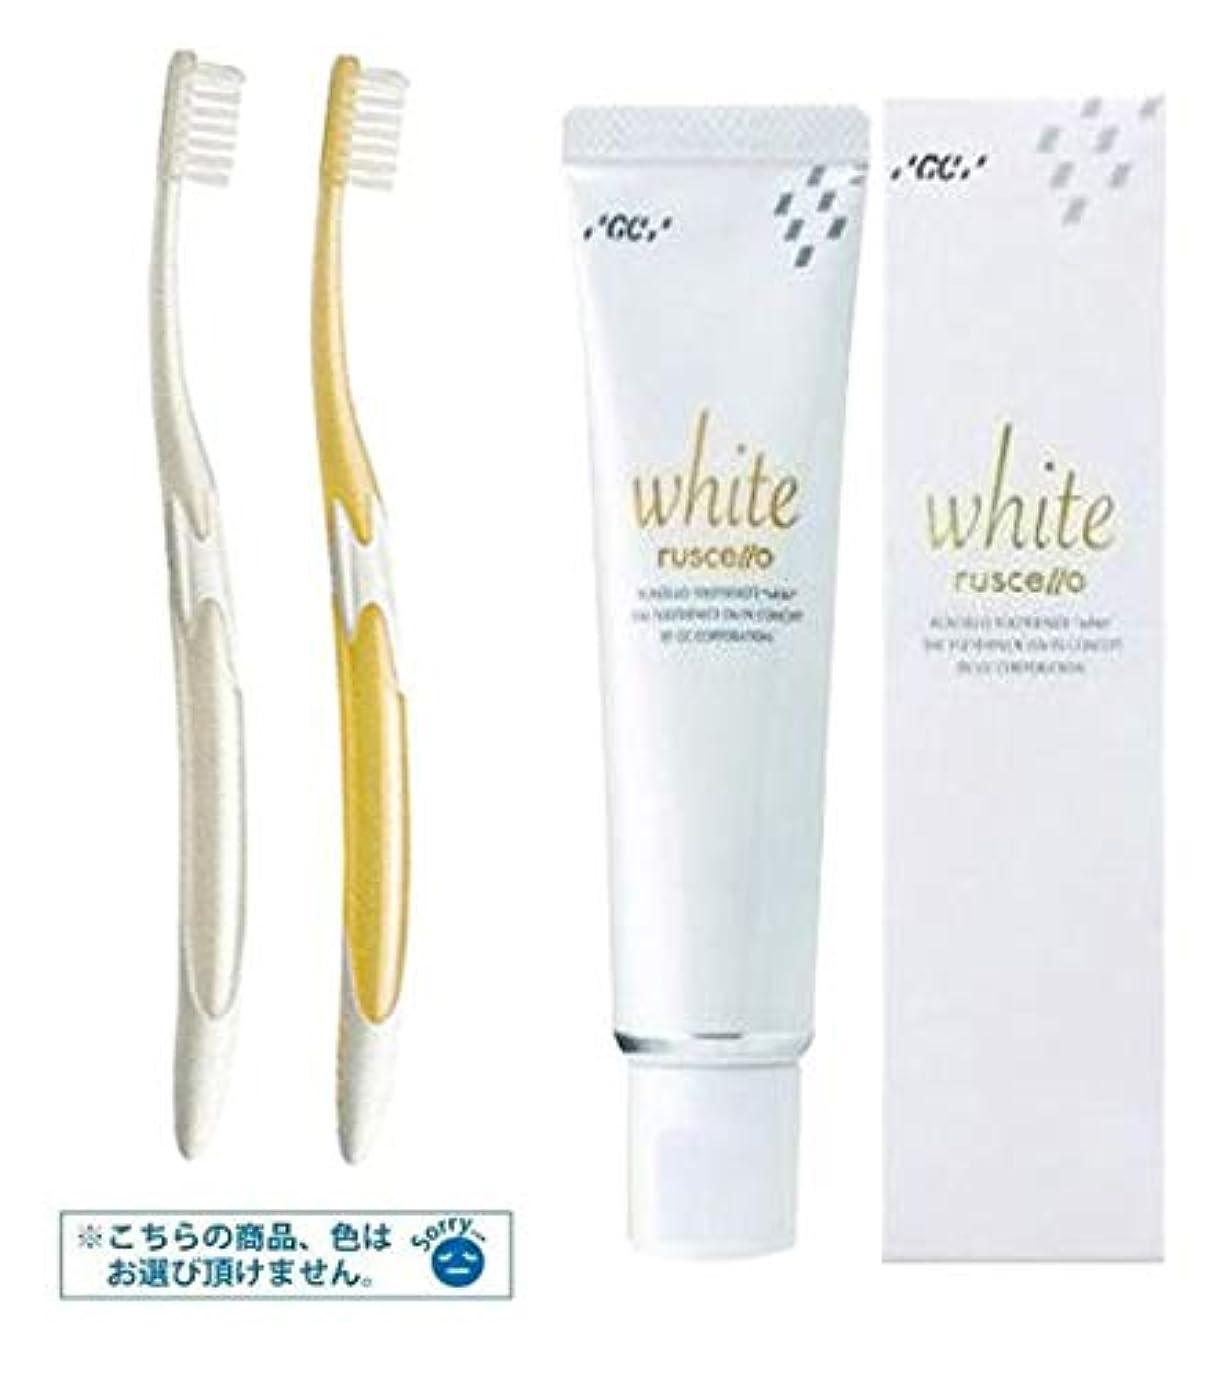 ウィスキーコロニアル傾向がありますGC(ジーシー) ルシェロ 歯みがきペースト ホワイト 100g 1個 + ルシェロ W-10 歯ブラシ 2本